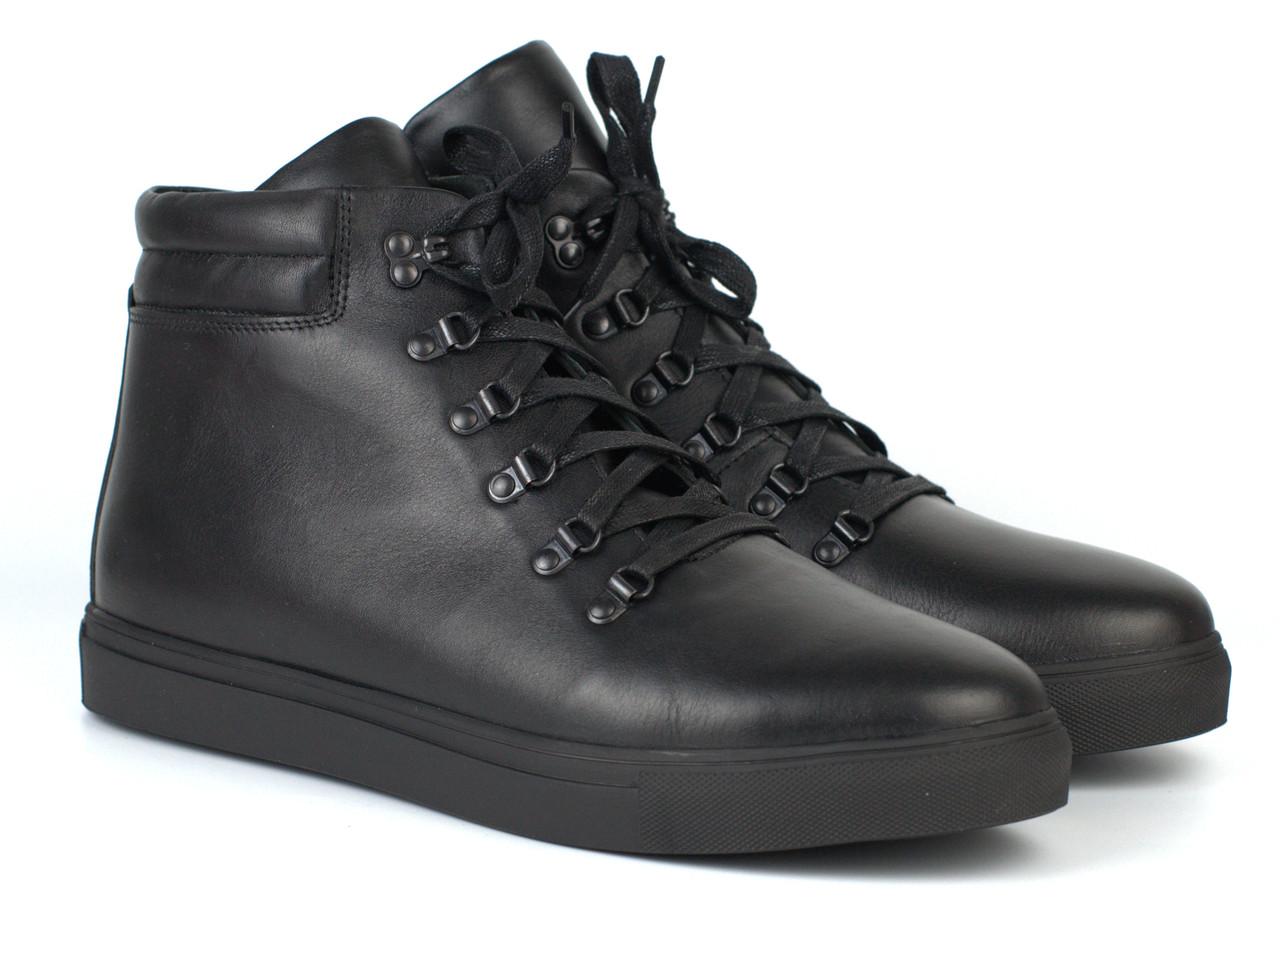 Черевики чоловічі зимові чорні шкіряні на хутрі на блискавці взуття на широку стопу Rosso Avangard Ranger SL L Black